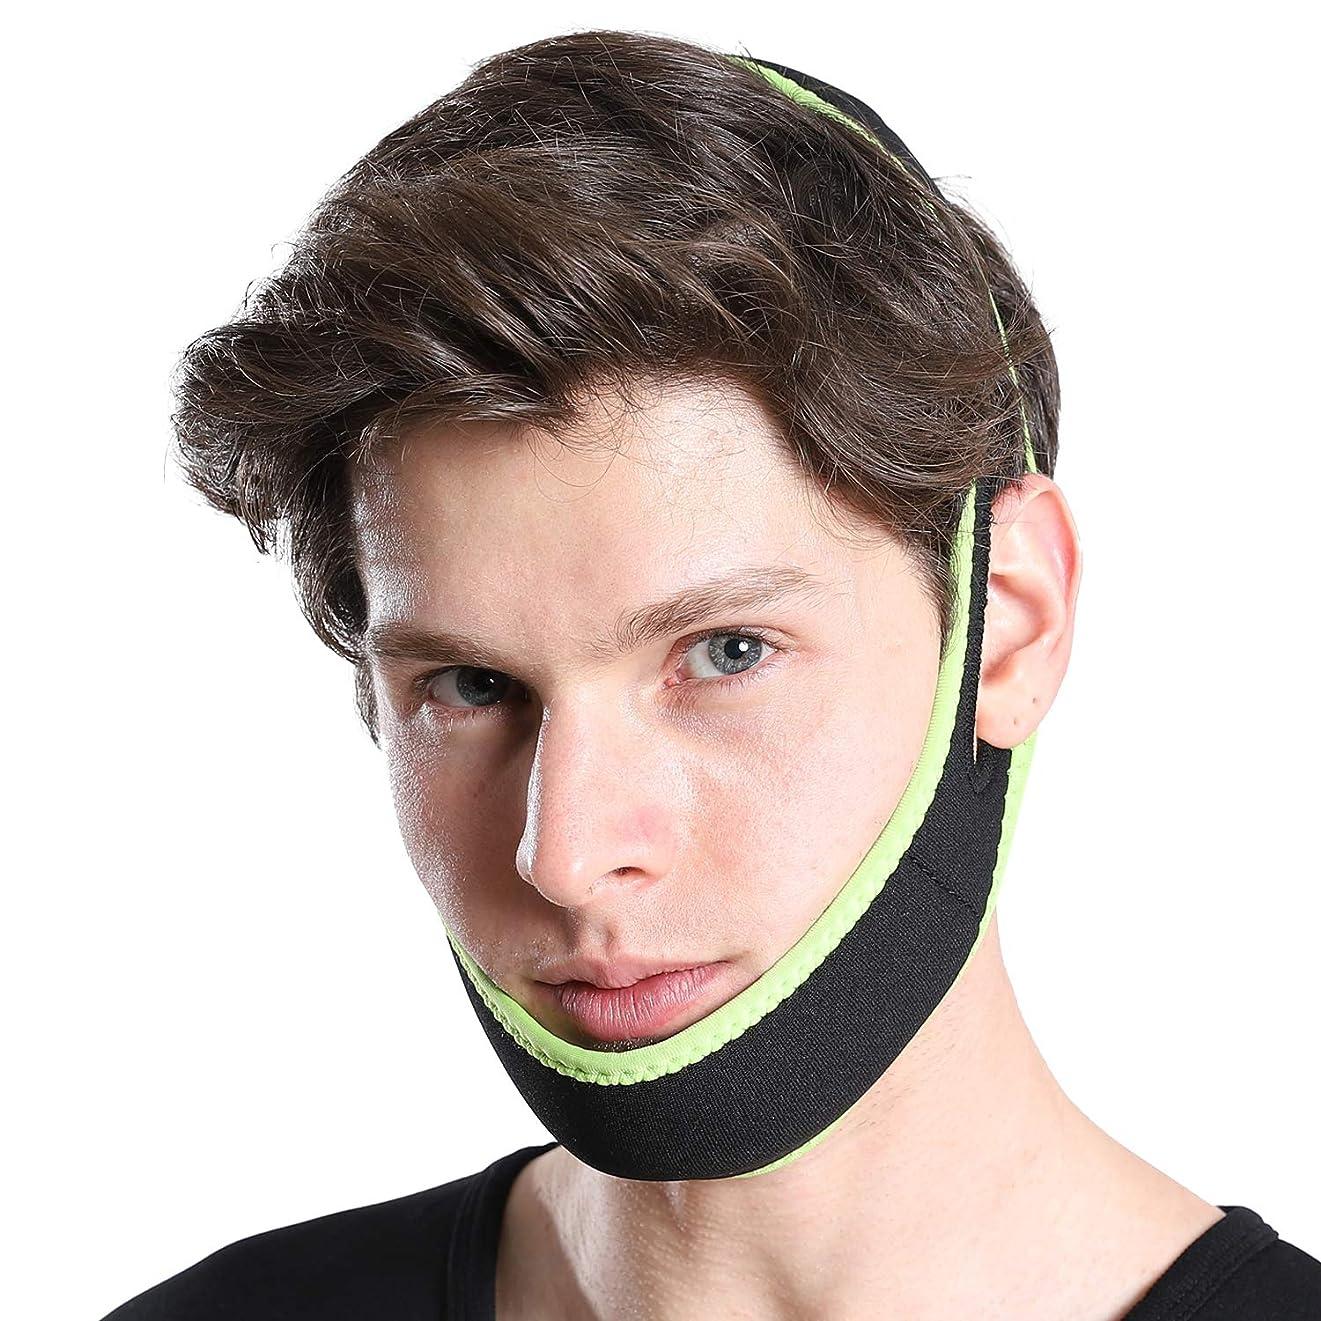 競う不毛持続するELPIRKA 小顔マスク メンズ ゲルマニウムチタン 配合で 顔痩せ 小顔 リフトアップ!